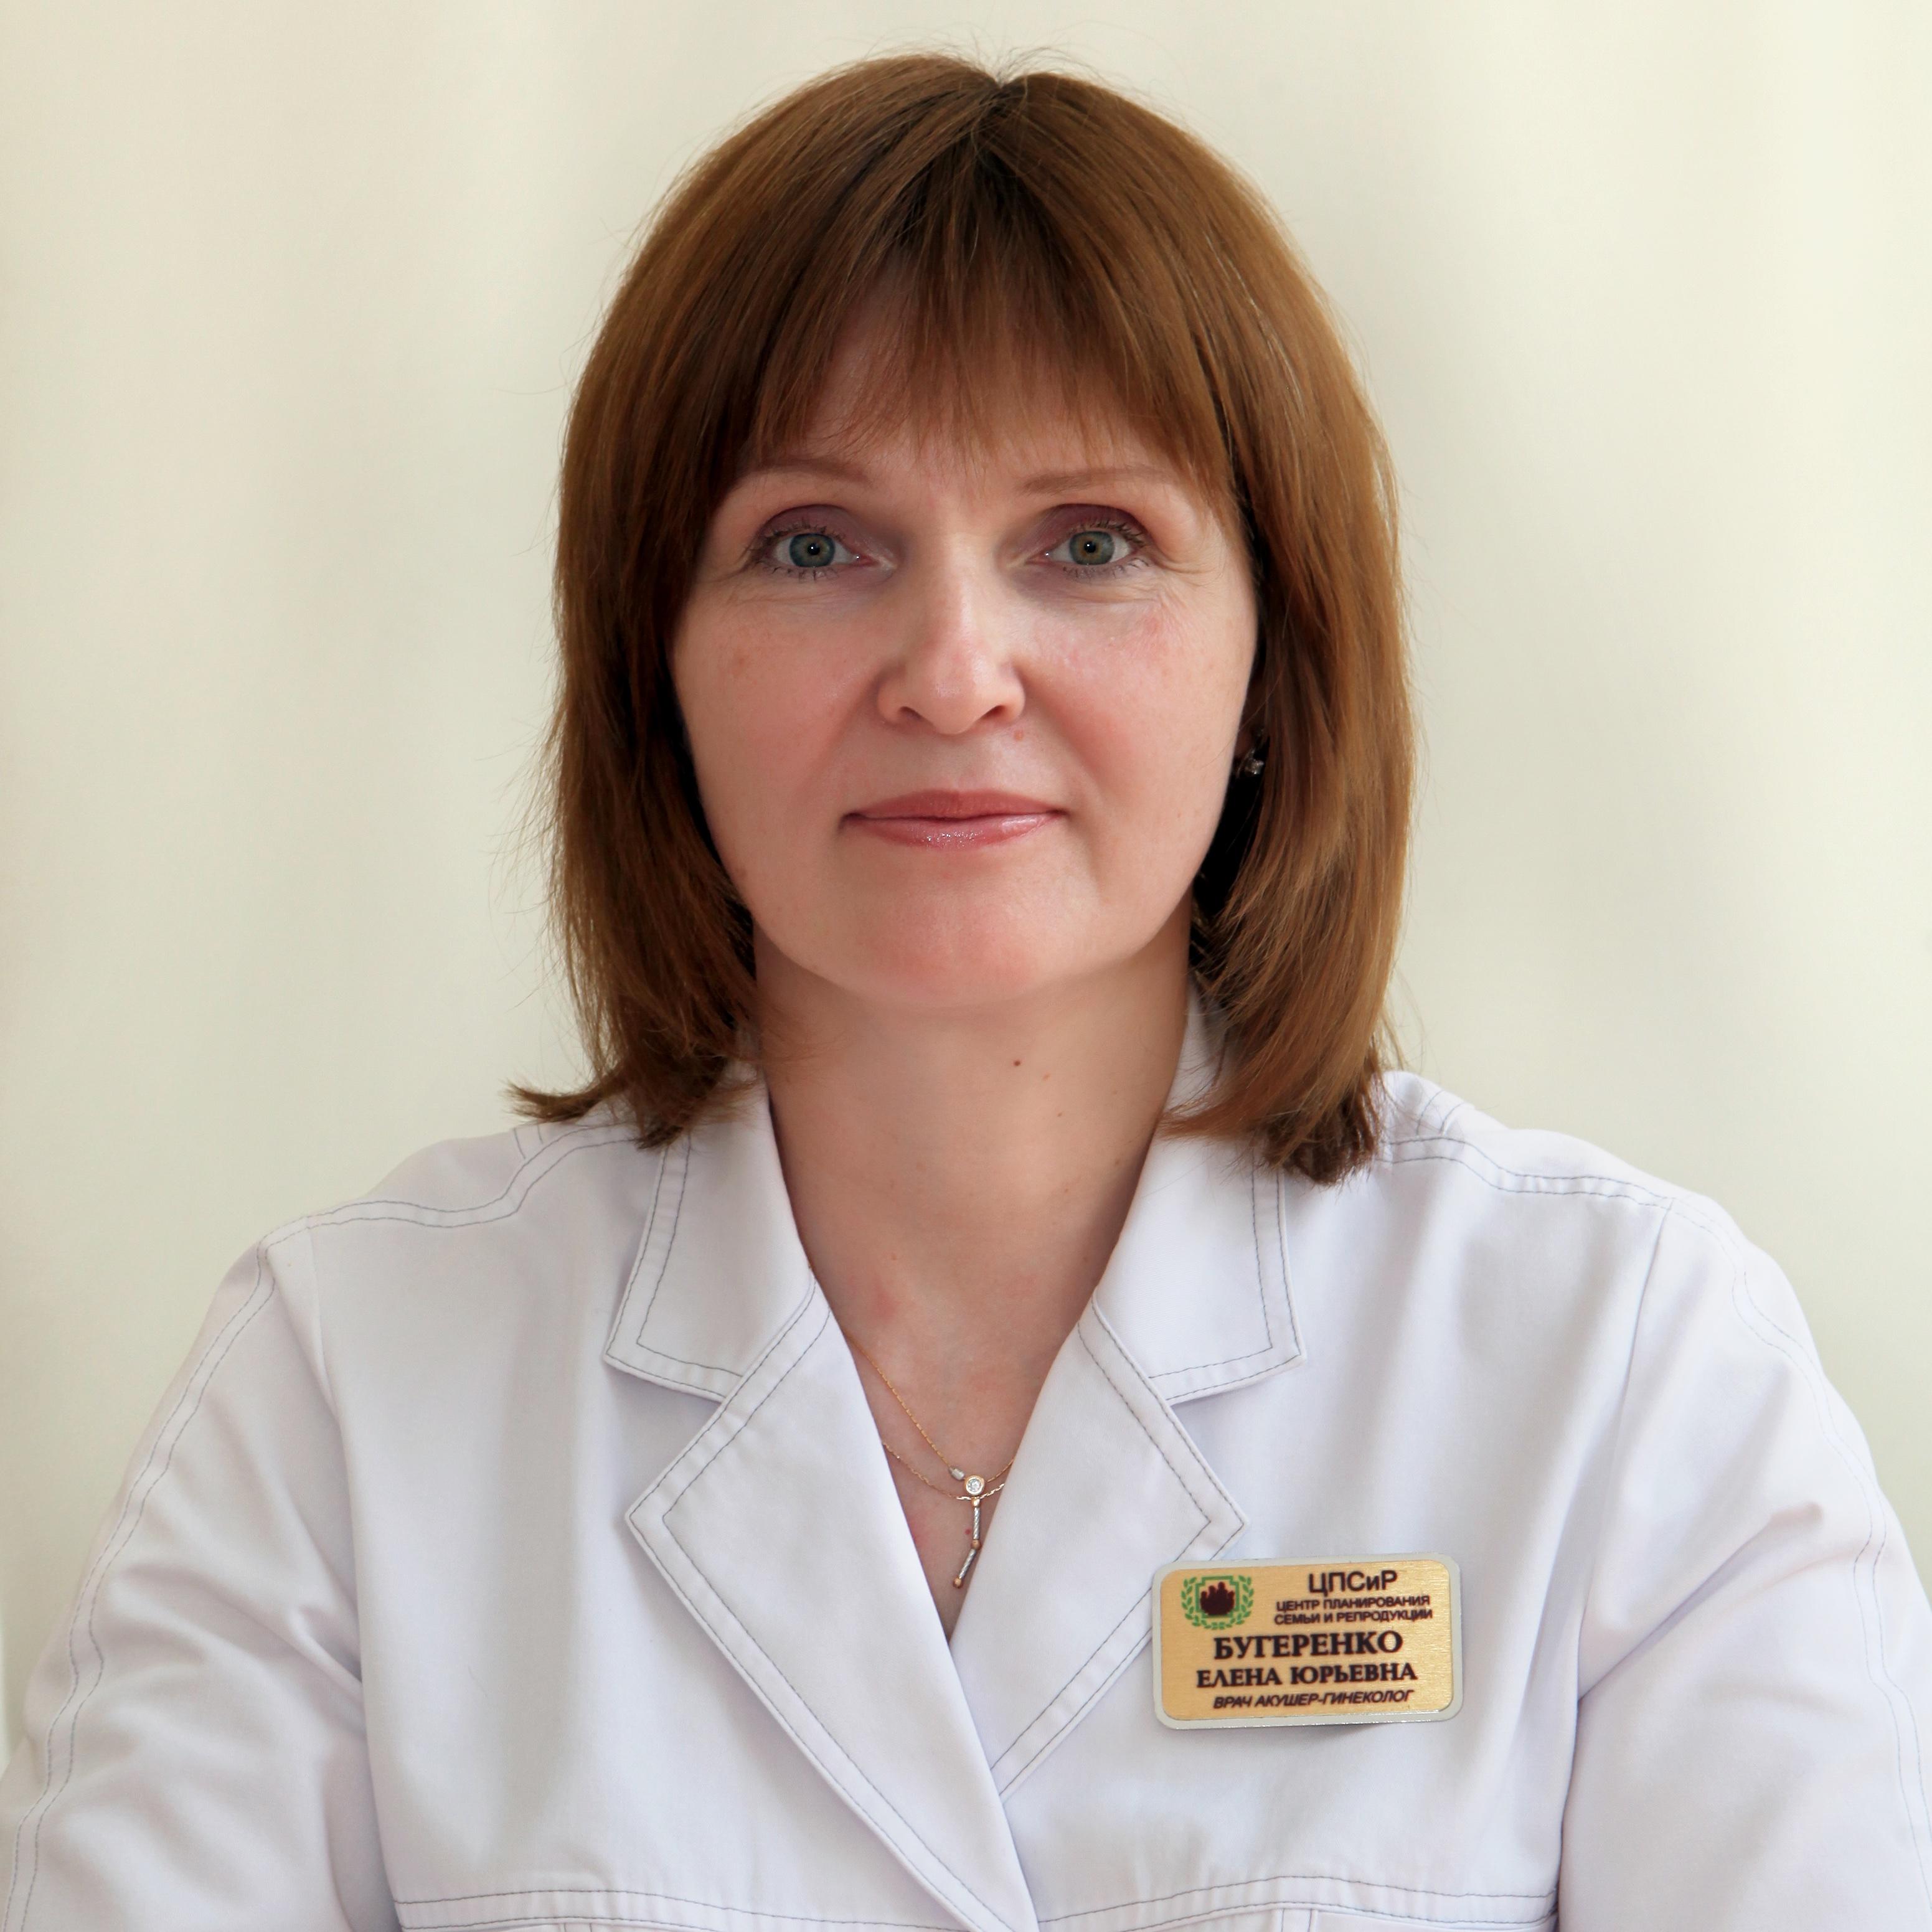 Бугеренко Елена Юрьевна  Акушерыгинекологи Москвы